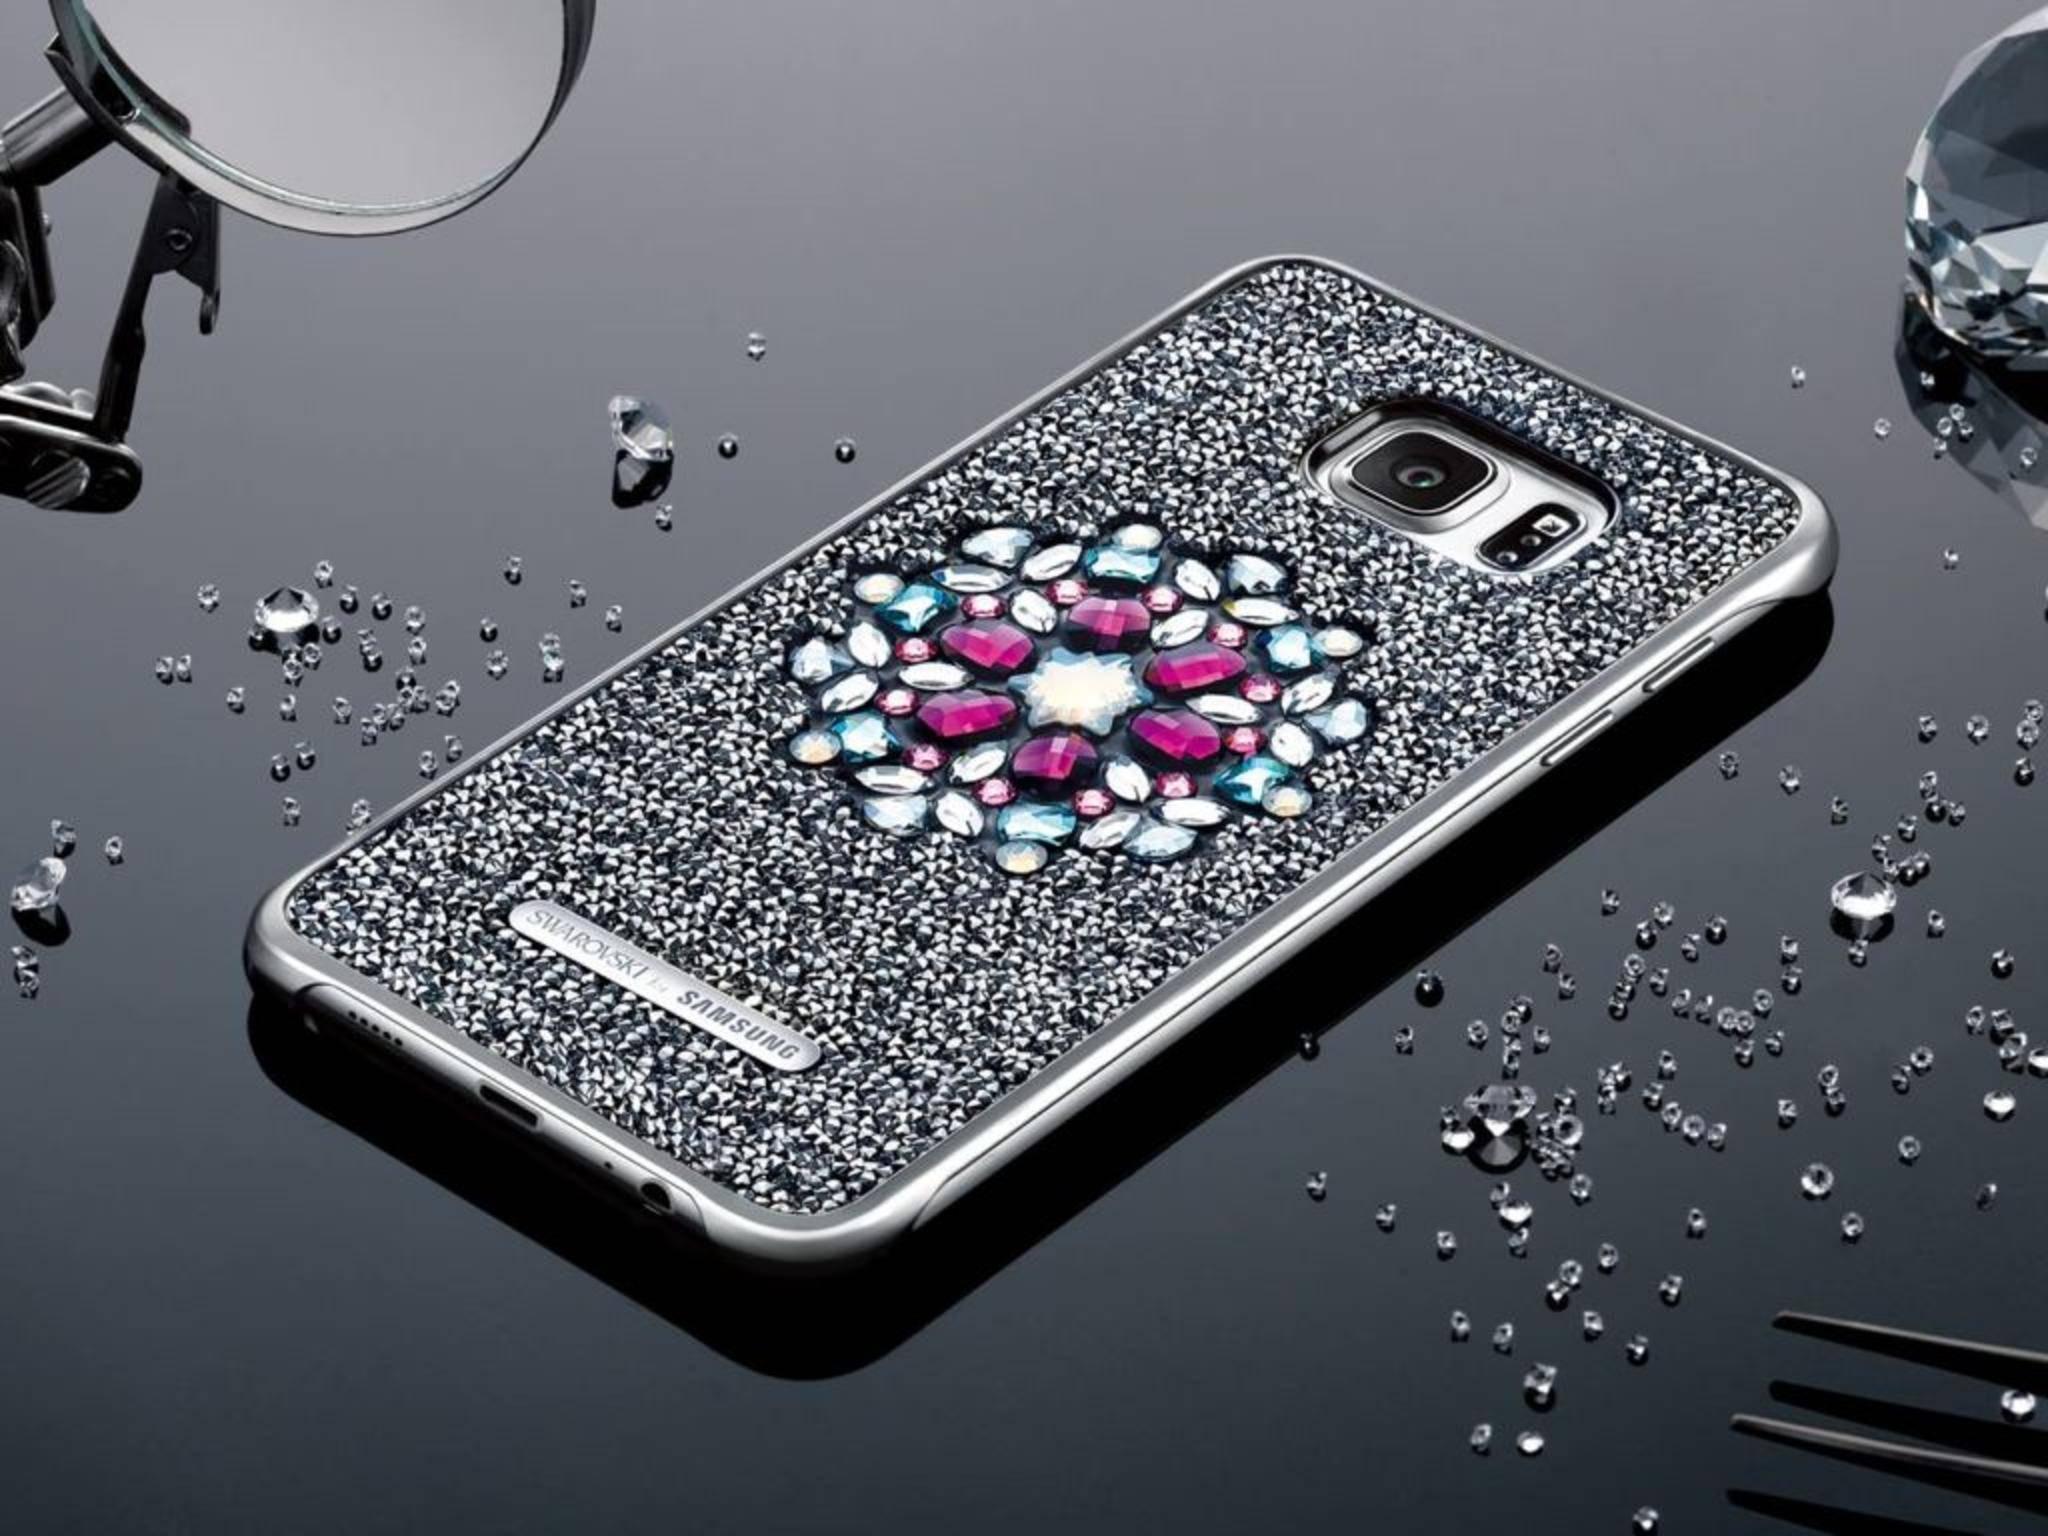 Wie das Galaxy S6 Edge+ soll auch das Galaxy S7 ein Glitter Cover bekommen.